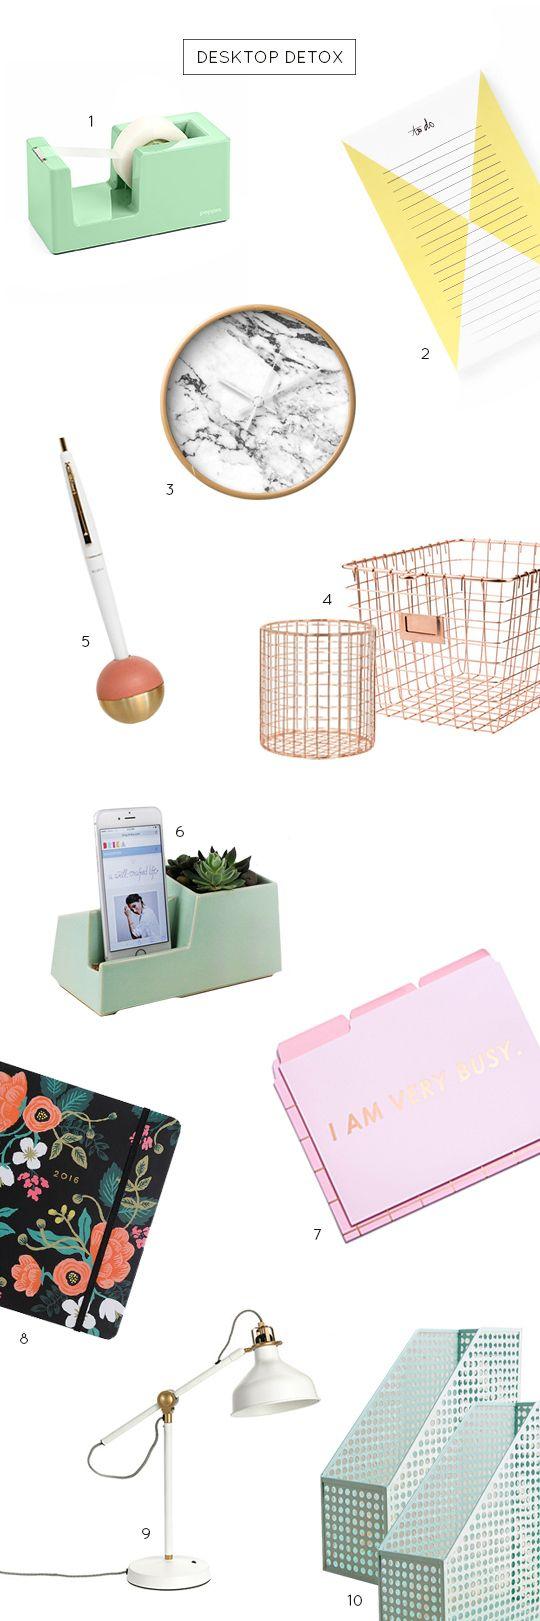 10 cute desk accessories